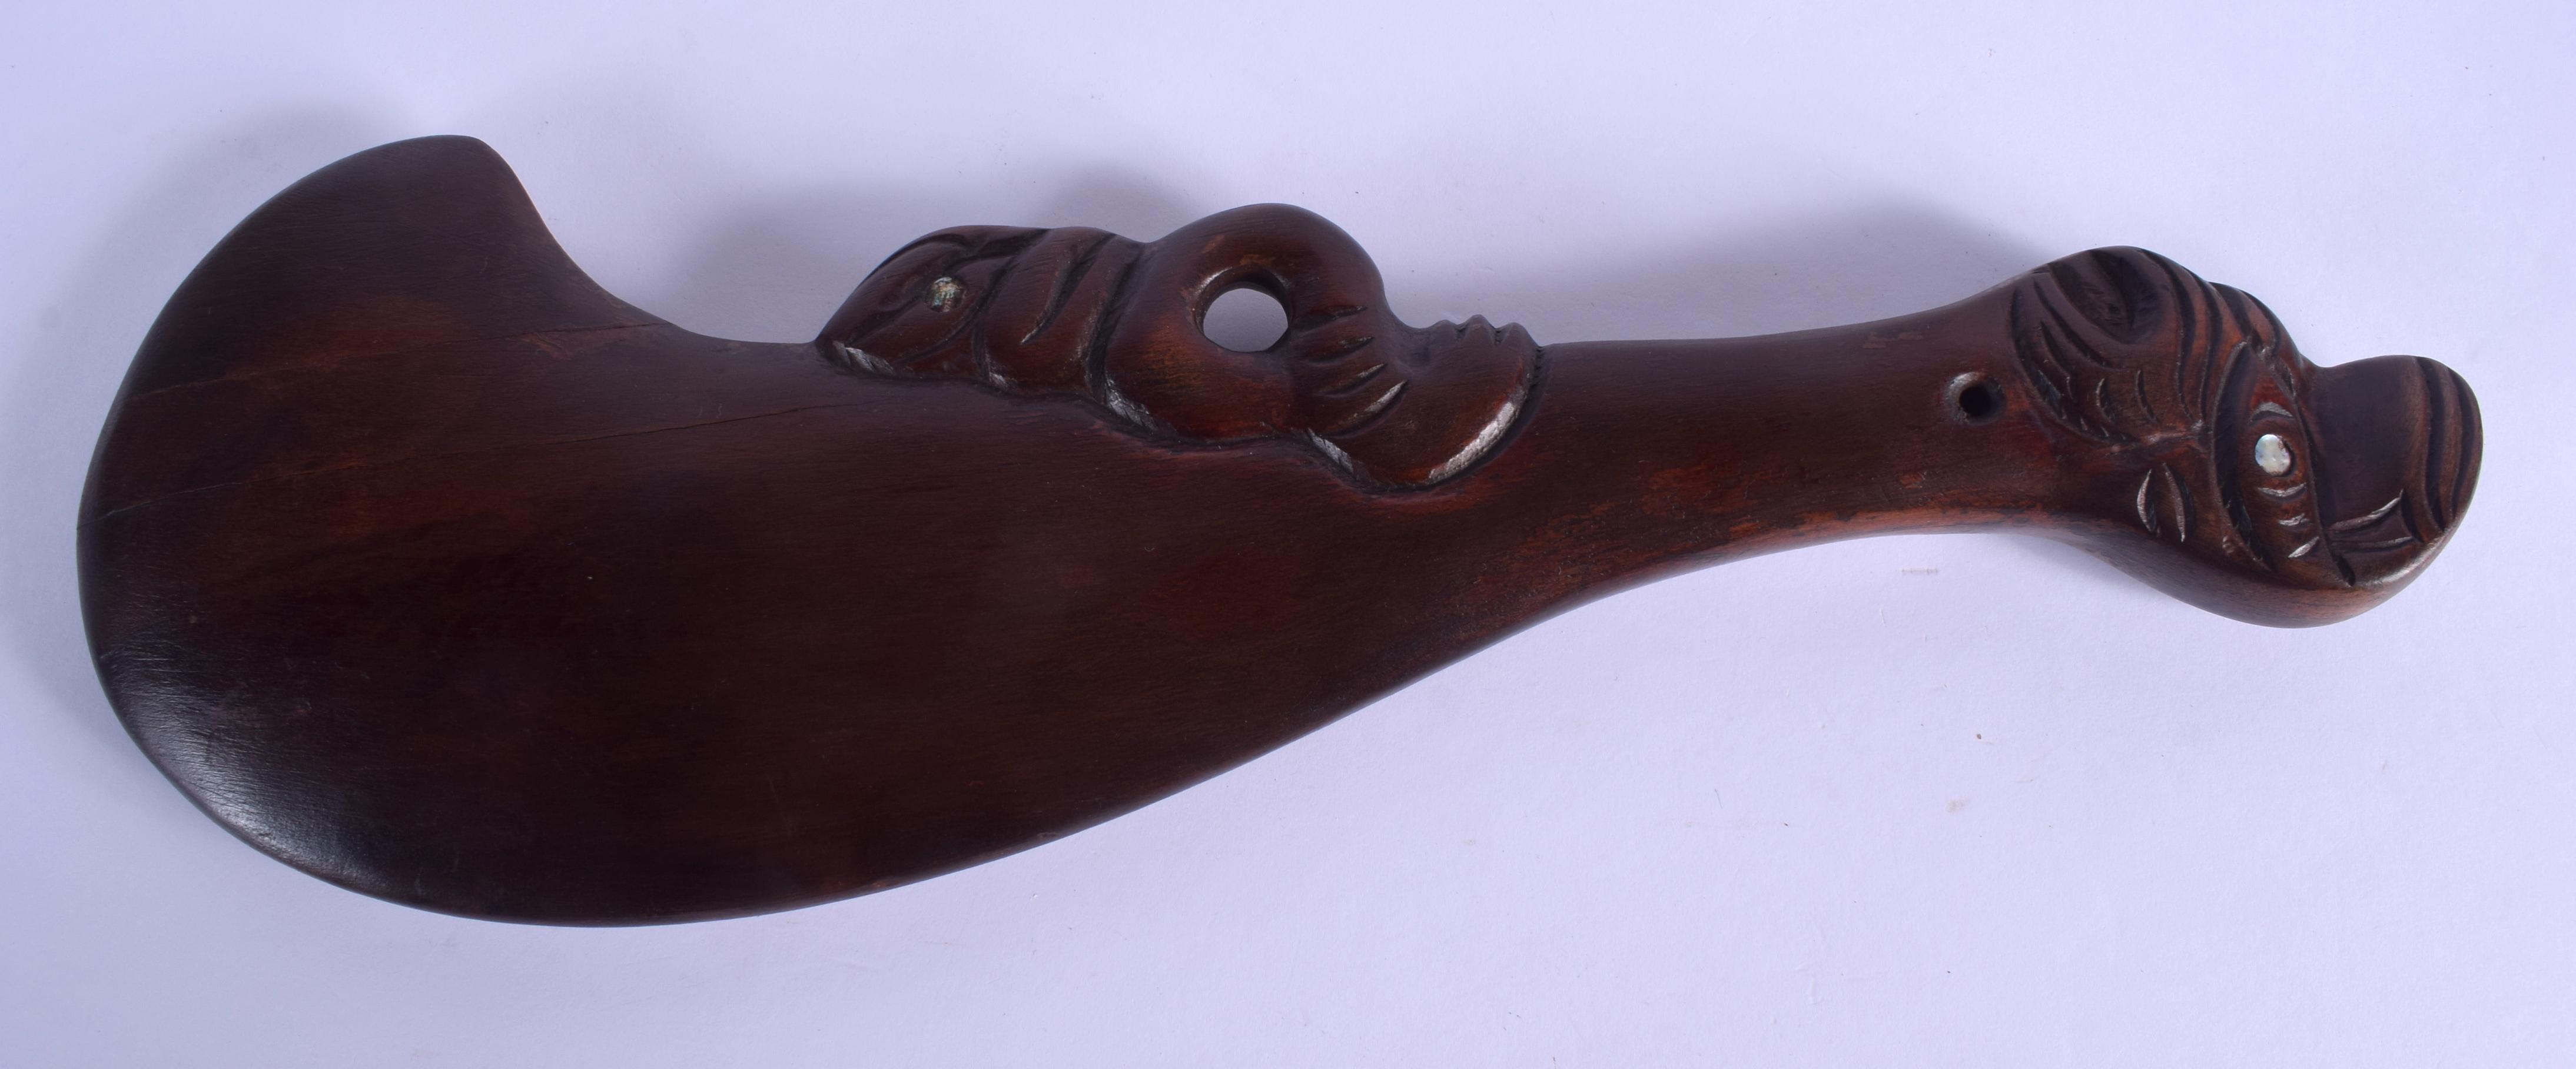 A TRIBAL MAORI PATU CLUB. 36 cm long.